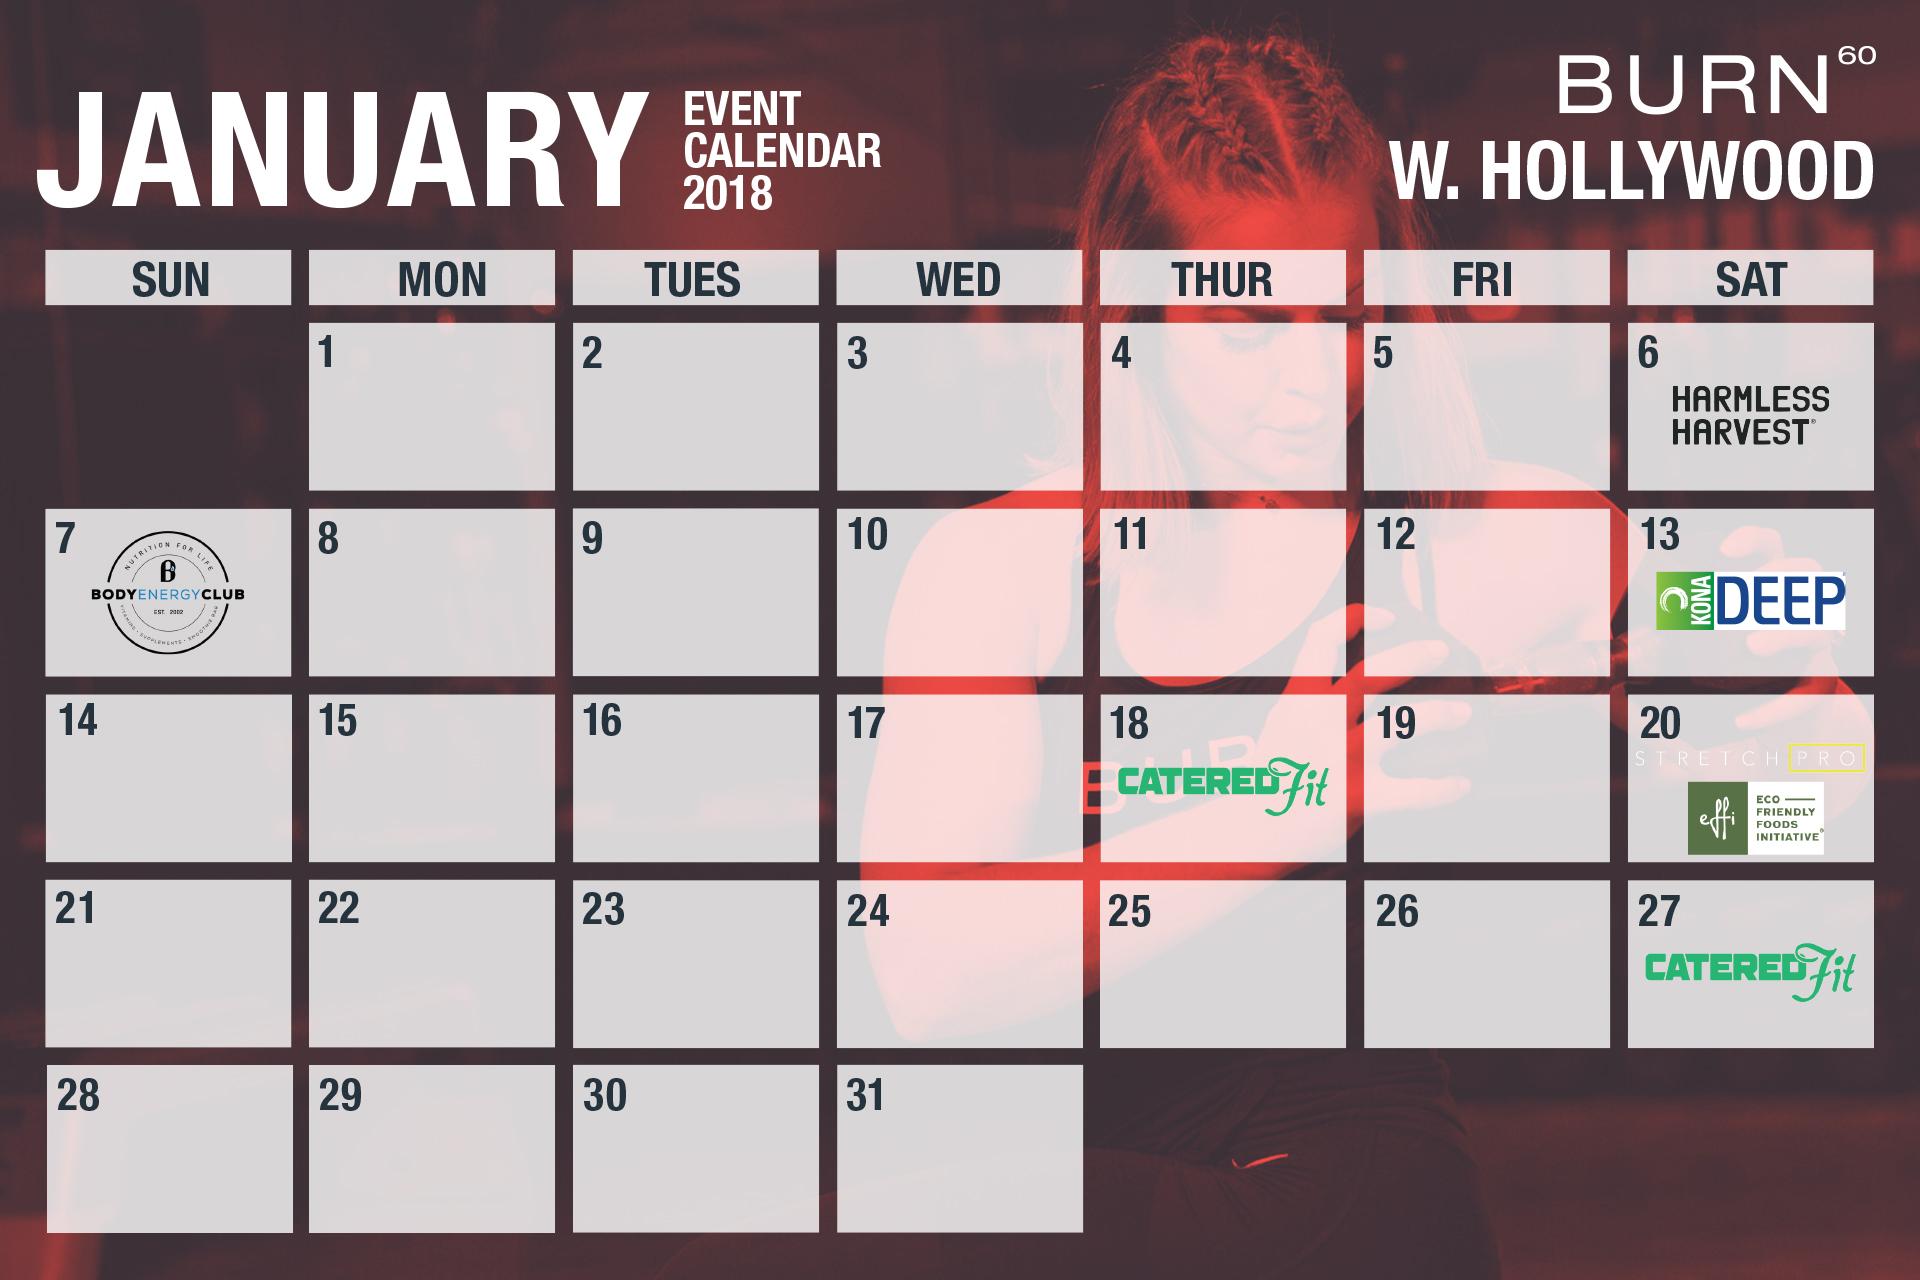 January weho calendar.jpg